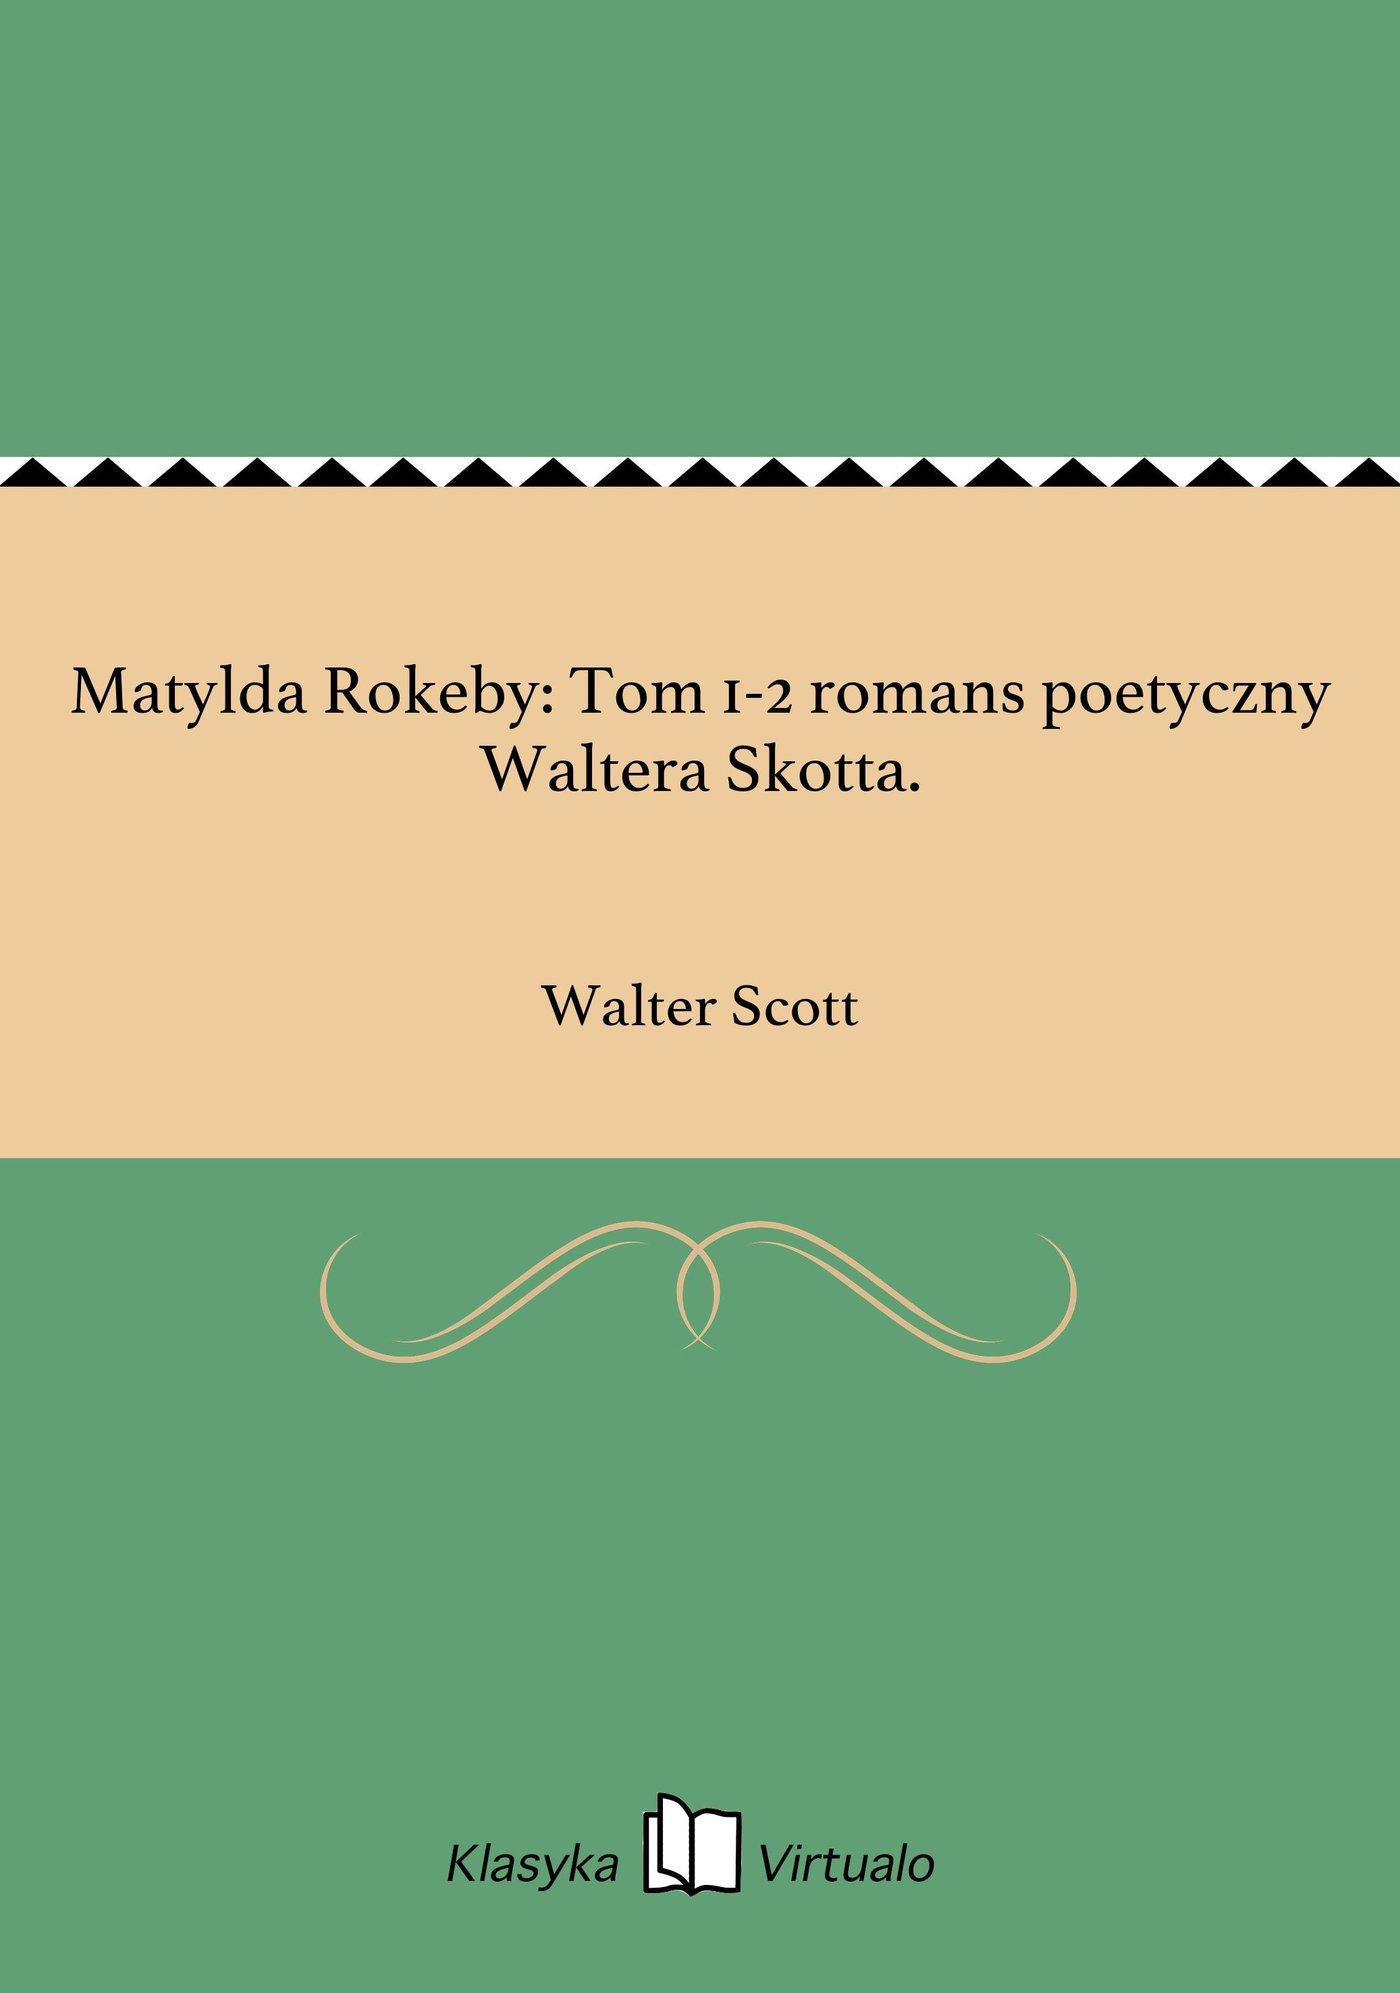 Matylda Rokeby: Tom 1-2 romans poetyczny Waltera Skotta. - Ebook (Książka na Kindle) do pobrania w formacie MOBI